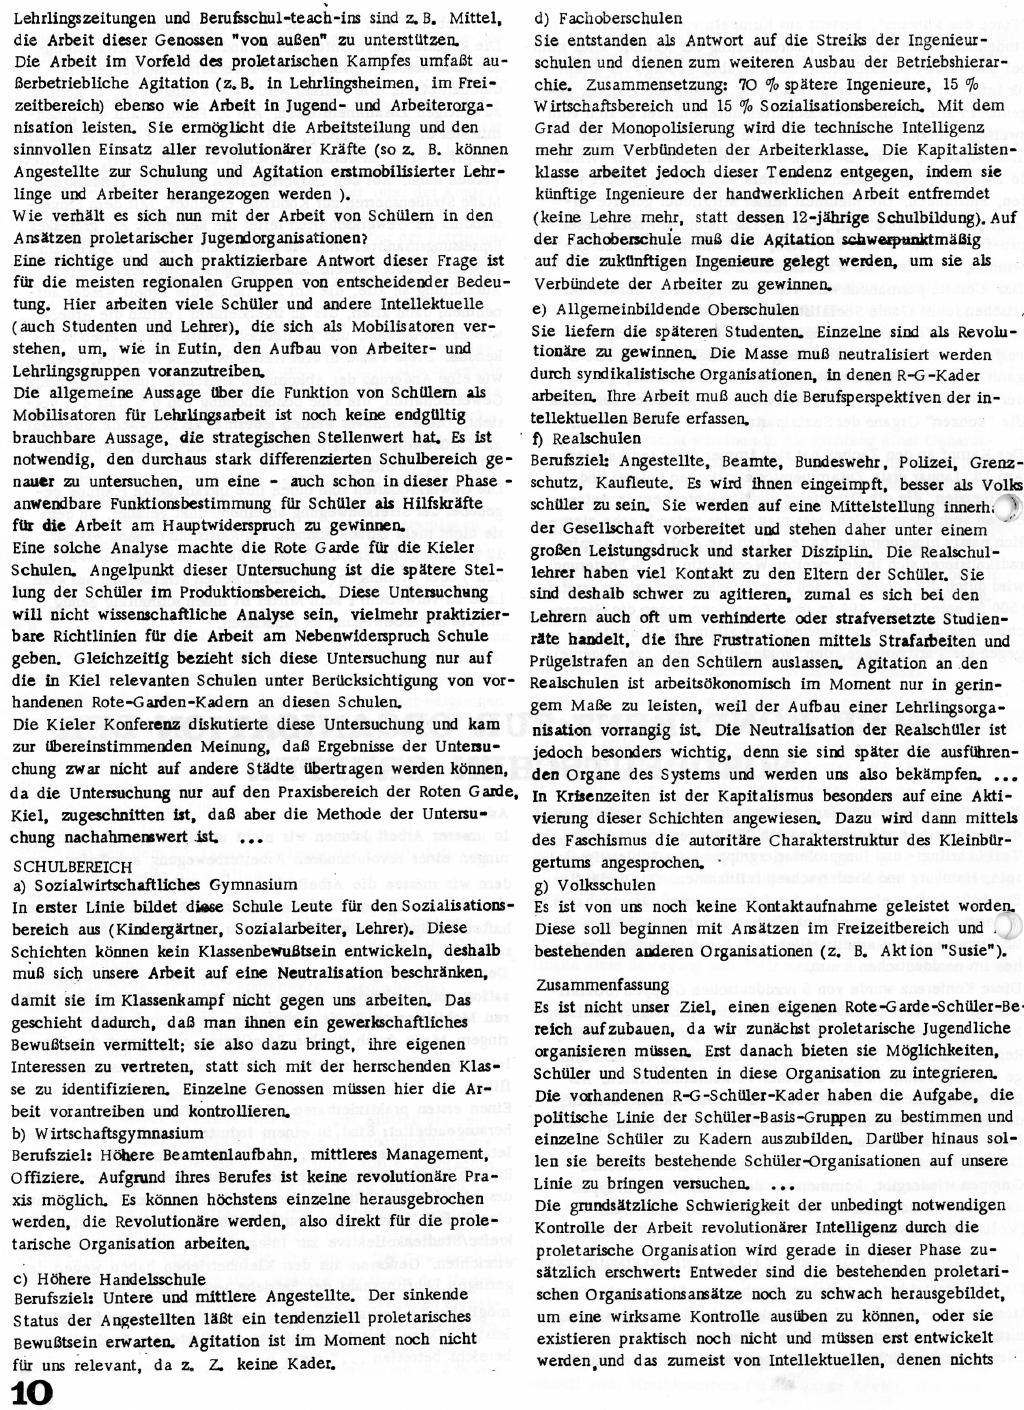 RPK_1970_053_10